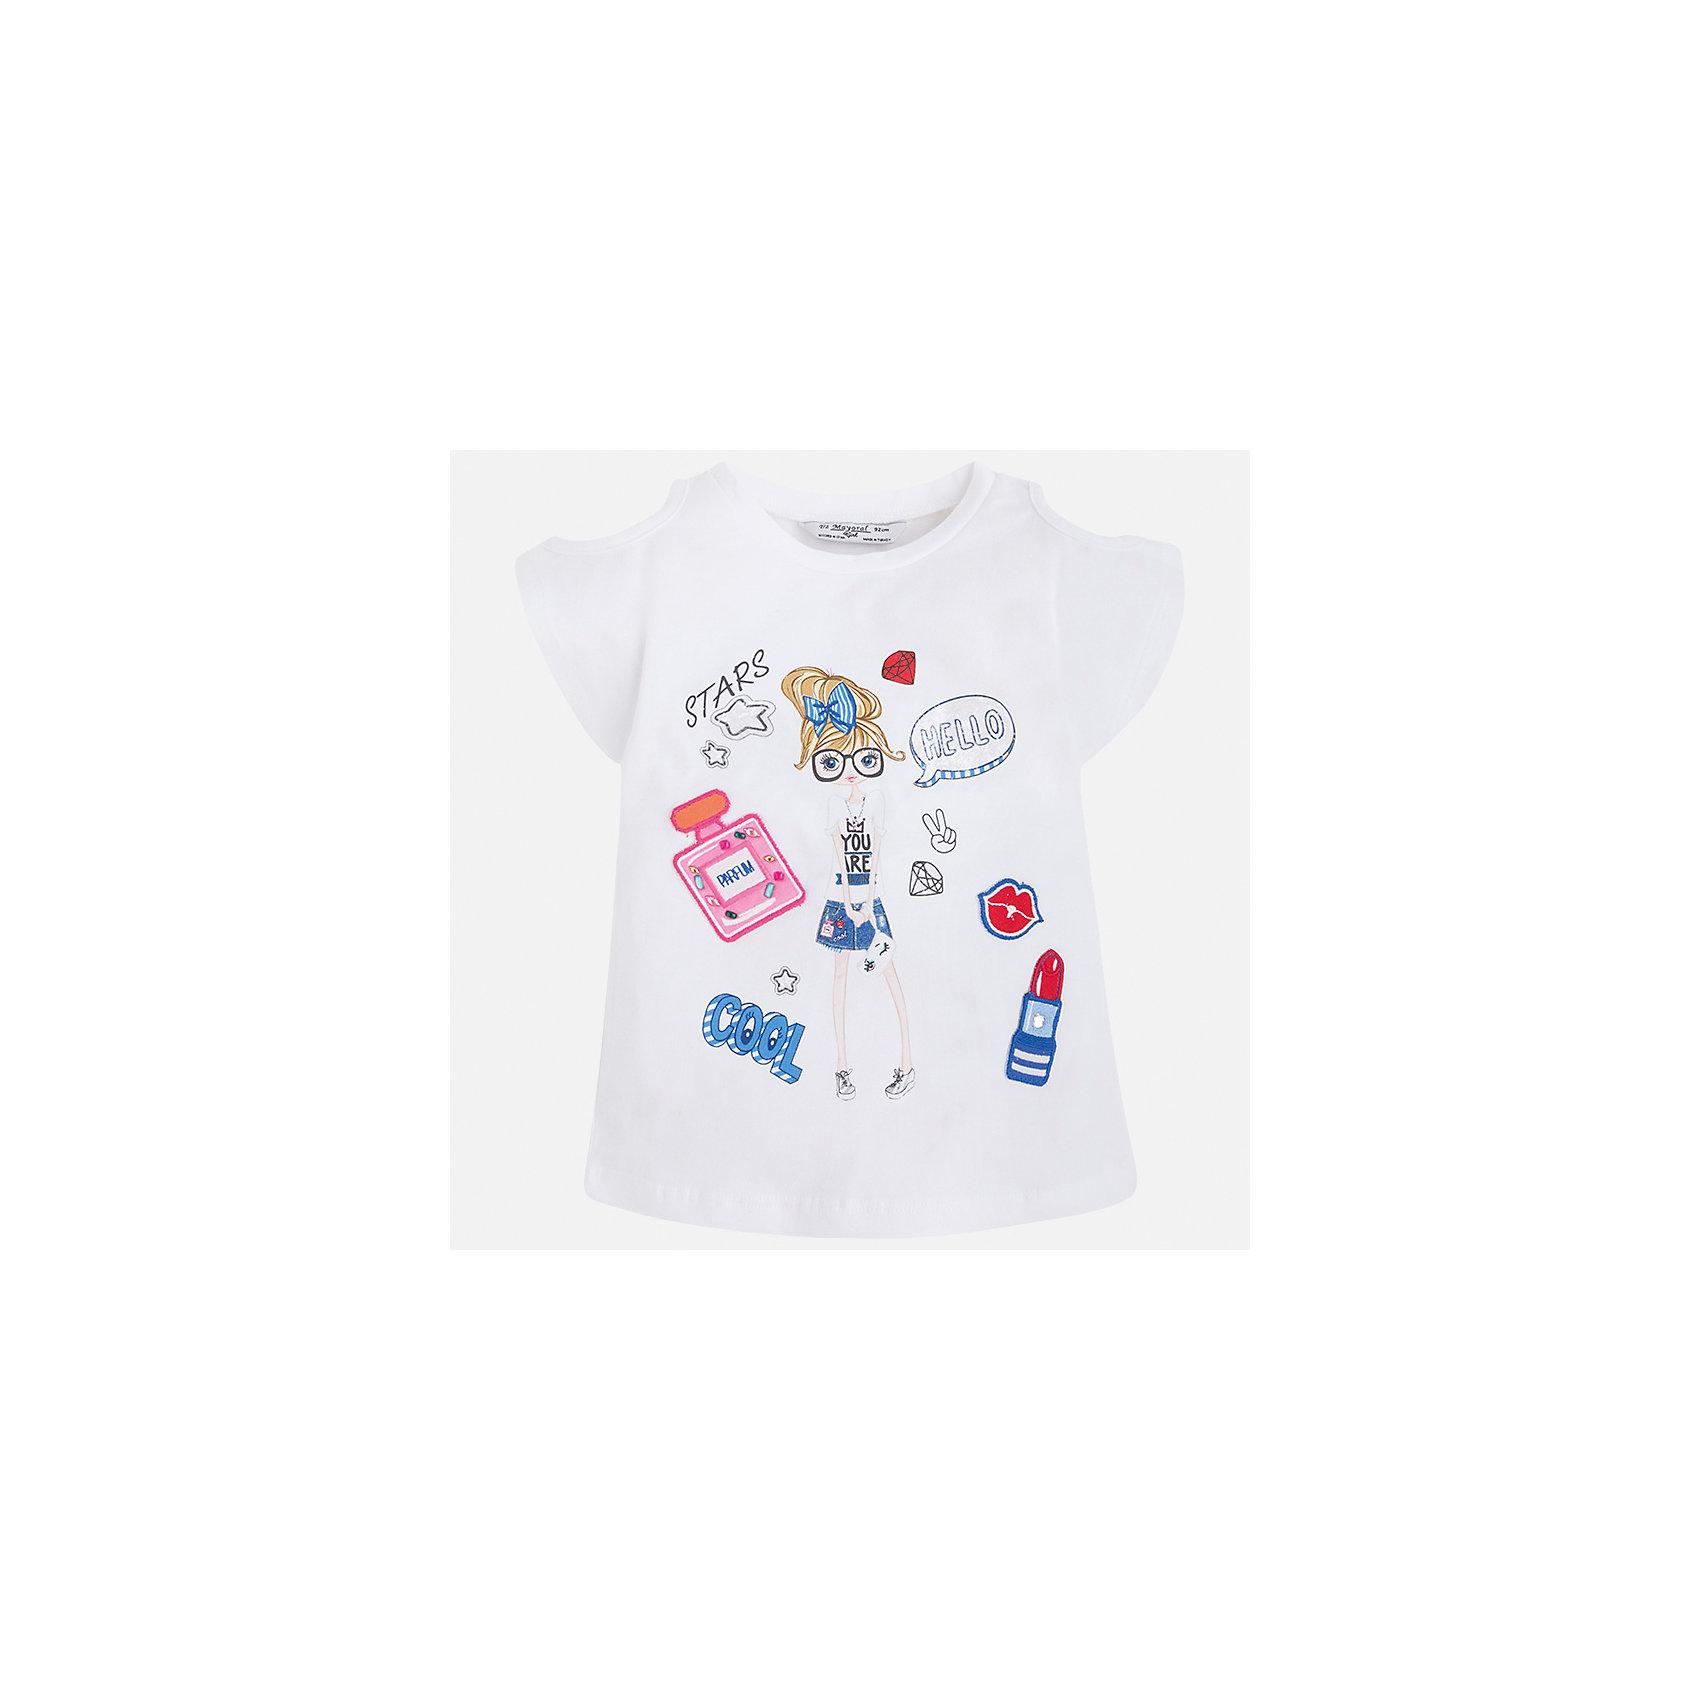 Футболка для девочки MayoralХарактеристики товара:<br><br>• цвет: белый<br>• состав: 95% хлопок, 5% эластан<br>• эластичный материал<br>• декорирована принтом<br>• короткие рукава<br>• фактурные плечи<br>• округлый горловой вырез<br>• страна бренда: Испания<br><br>Модная качественная футболка для девочки поможет разнообразить гардероб ребенка и украсить наряд. Она отлично сочетается и с юбками, и с шортами, и с брюками. Универсальный цвет позволяет подобрать к вещи низ практически любой расцветки. Интересная отделка модели делает её нарядной и оригинальной. В составе материала есть натуральный хлопок, гипоаллергенный, приятный на ощупь, дышащий.<br><br>Одежда, обувь и аксессуары от испанского бренда Mayoral полюбились детям и взрослым по всему миру. Модели этой марки - стильные и удобные. Для их производства используются только безопасные, качественные материалы и фурнитура. Порадуйте ребенка модными и красивыми вещами от Mayoral! <br><br>Футболку для девочки от испанского бренда Mayoral (Майорал) можно купить в нашем интернет-магазине.<br><br>Ширина мм: 199<br>Глубина мм: 10<br>Высота мм: 161<br>Вес г: 151<br>Цвет: белый<br>Возраст от месяцев: 96<br>Возраст до месяцев: 108<br>Пол: Женский<br>Возраст: Детский<br>Размер: 134,92,98,104,110,116,122,128<br>SKU: 5300226